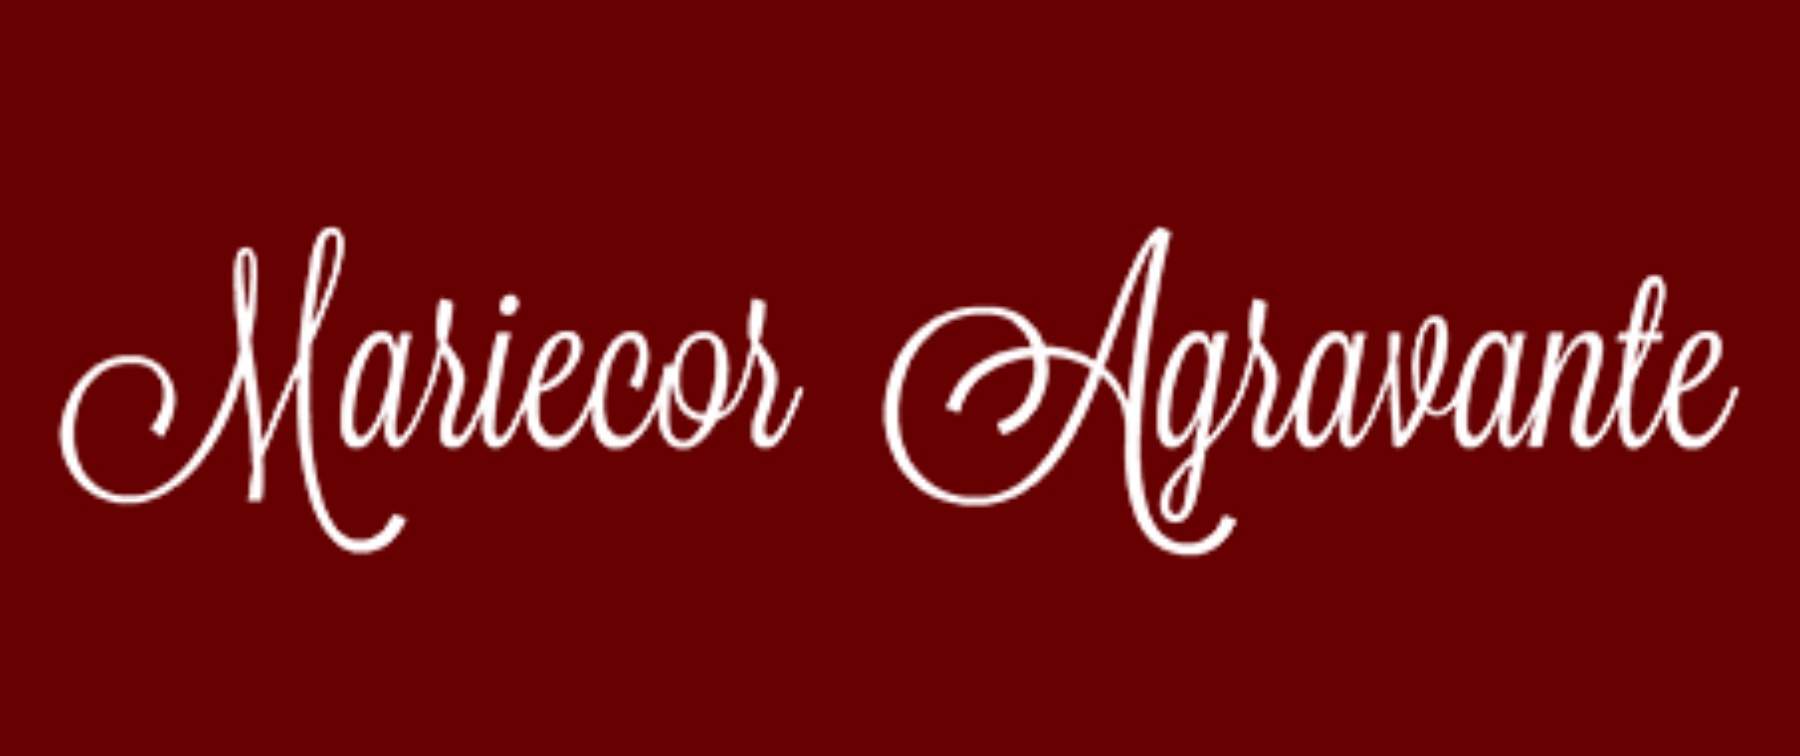 Mariecor Agravante's Signature